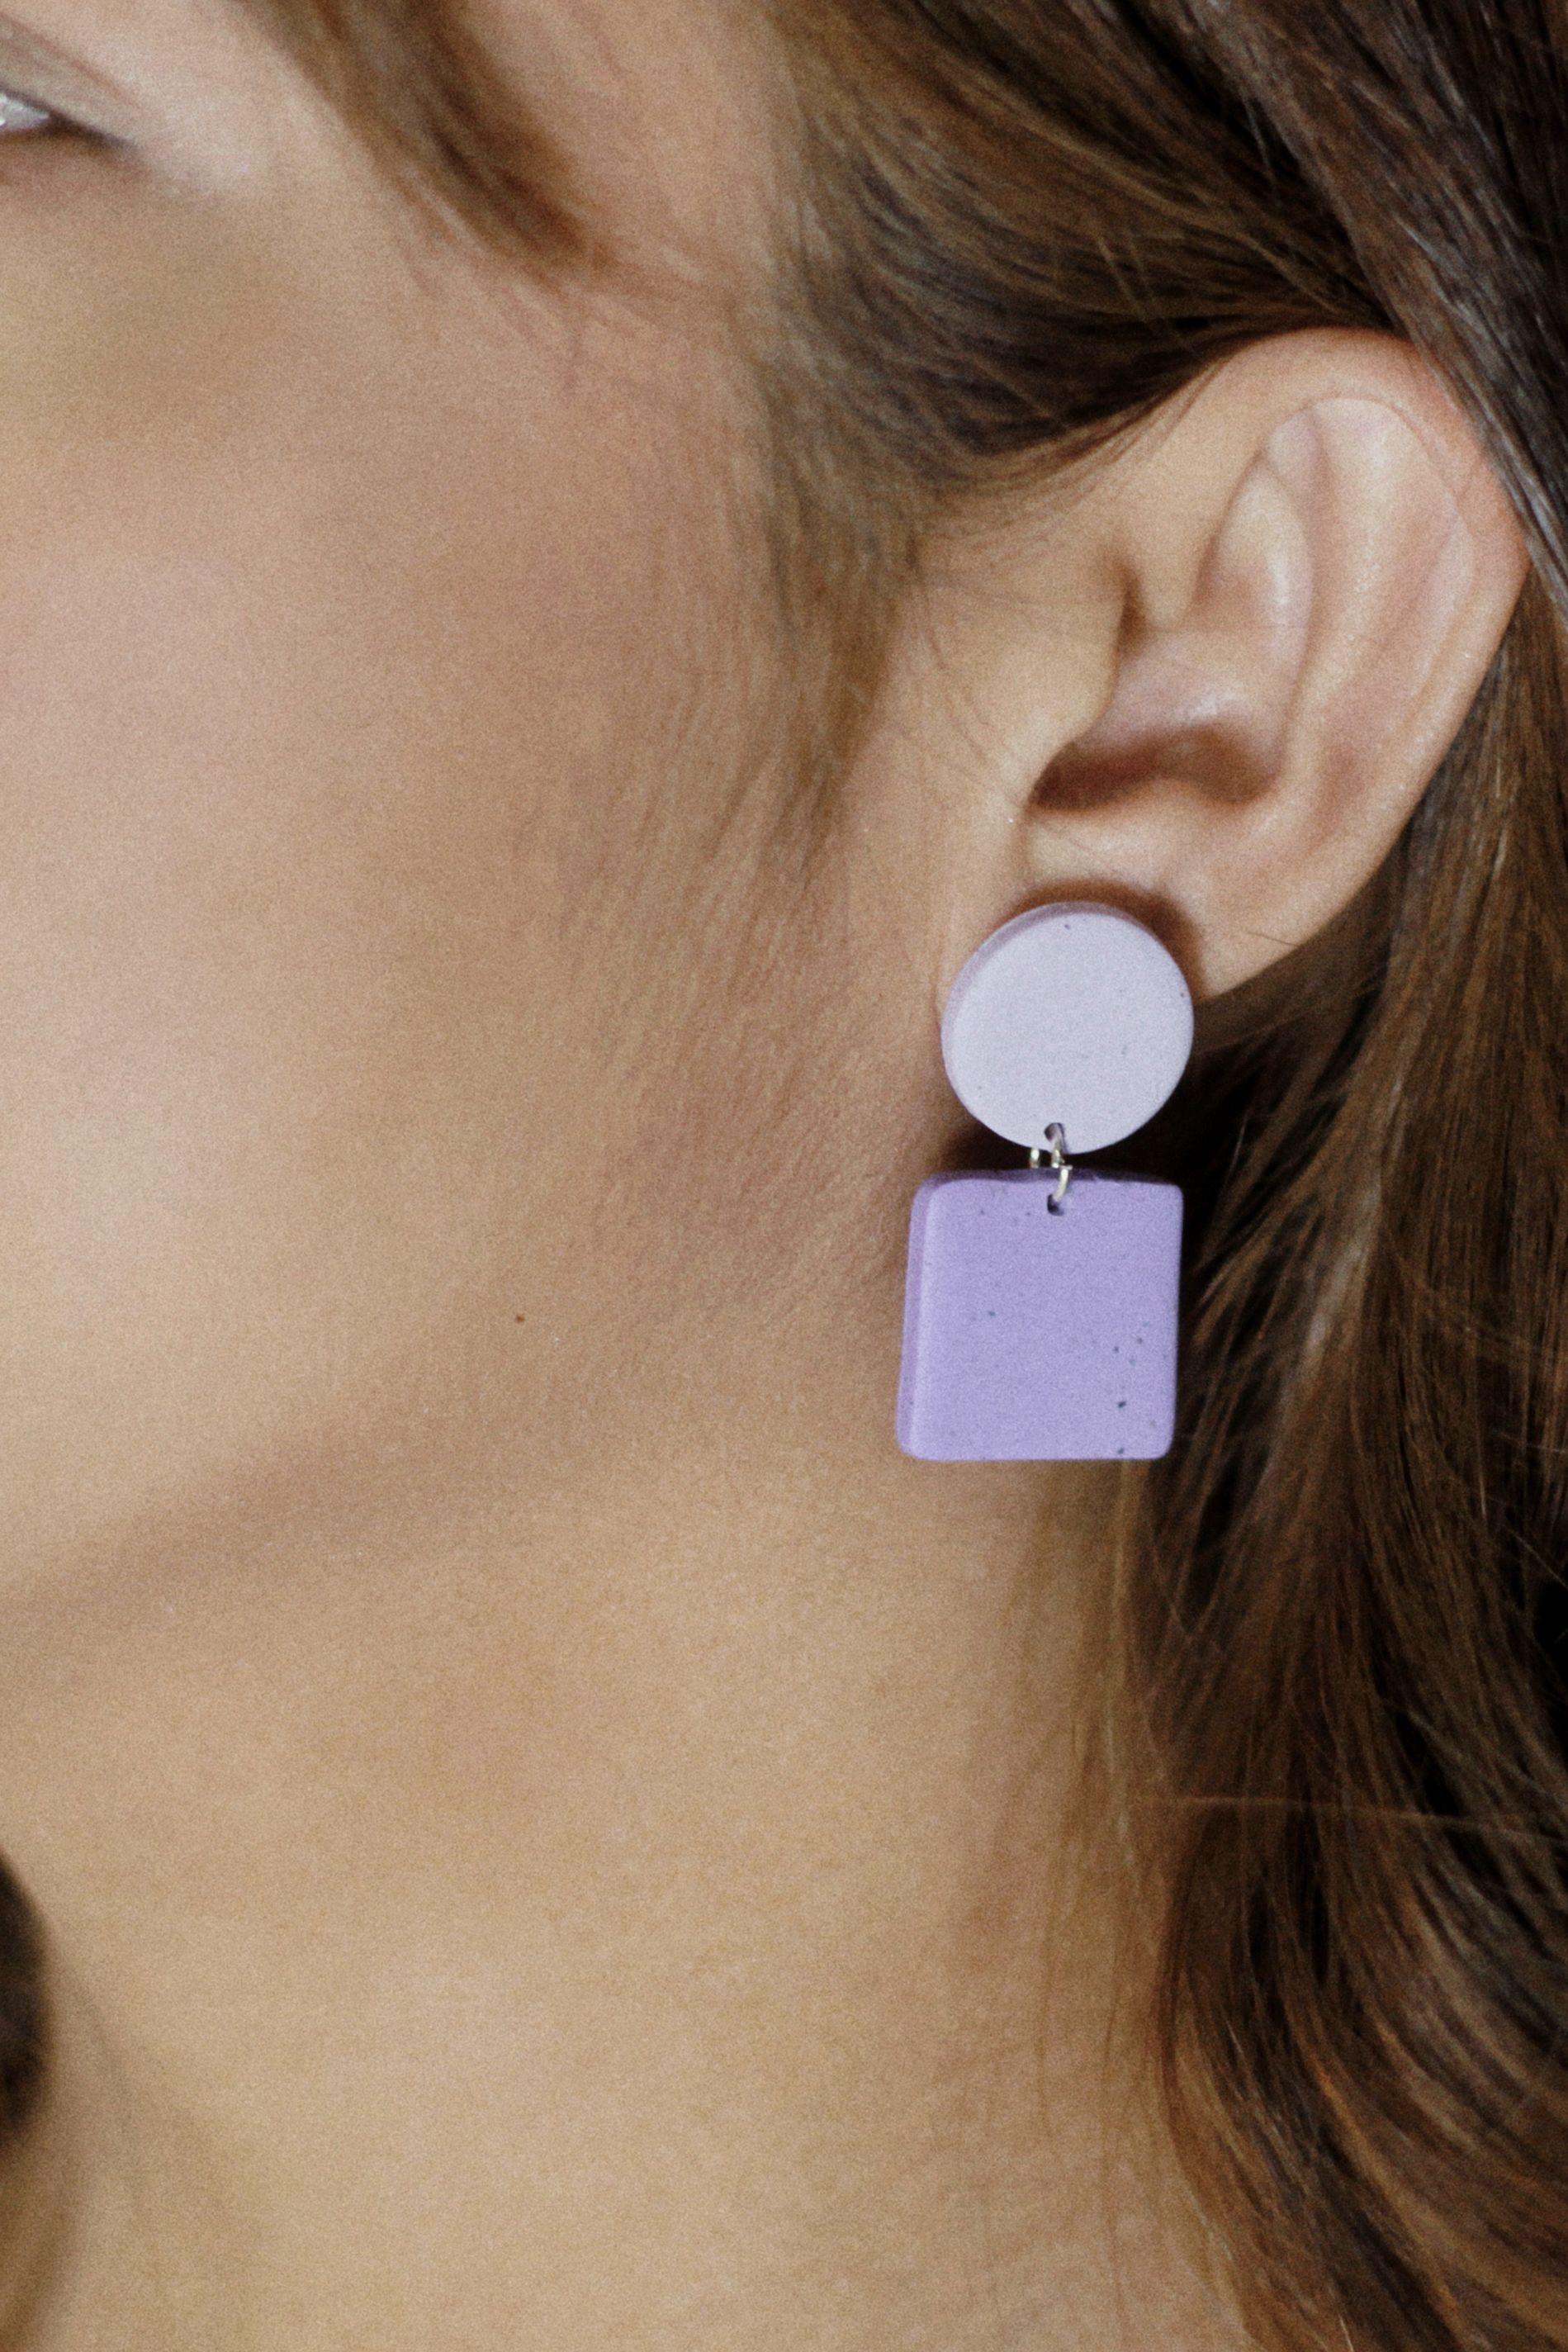 Polymer Clay Earrings Dangle Earrings Pop Art Diamond in Blue and Orange